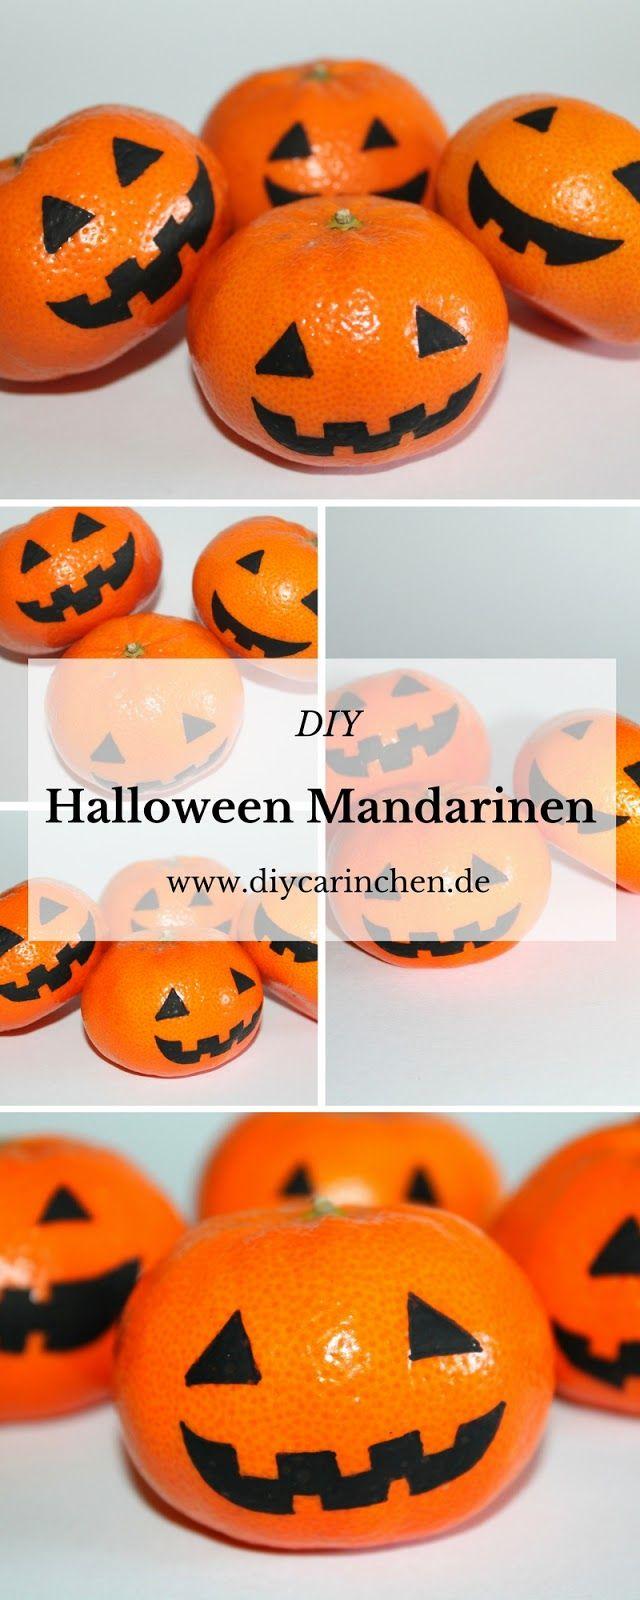 DIY gruselige Halloween Mandarinen selber machen - für eine perfekte ...